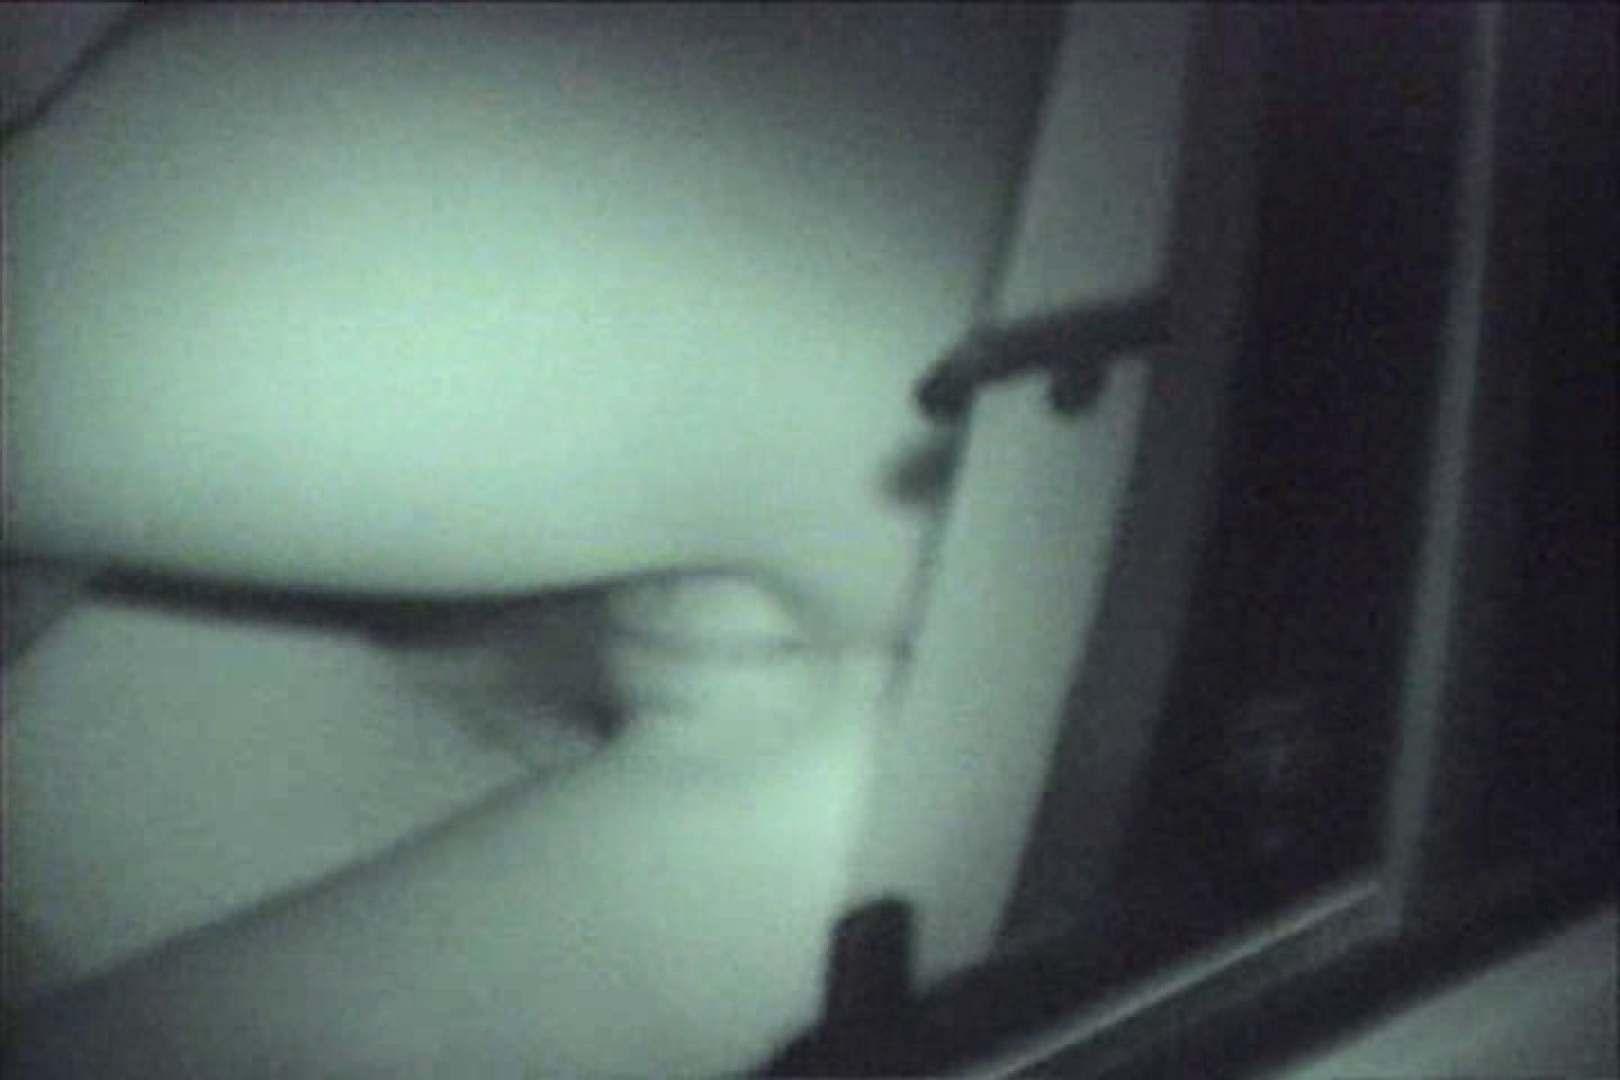 車の中はラブホテル 無修正版  Vol.17 エロティックなOL オメコ無修正動画無料 97画像 72